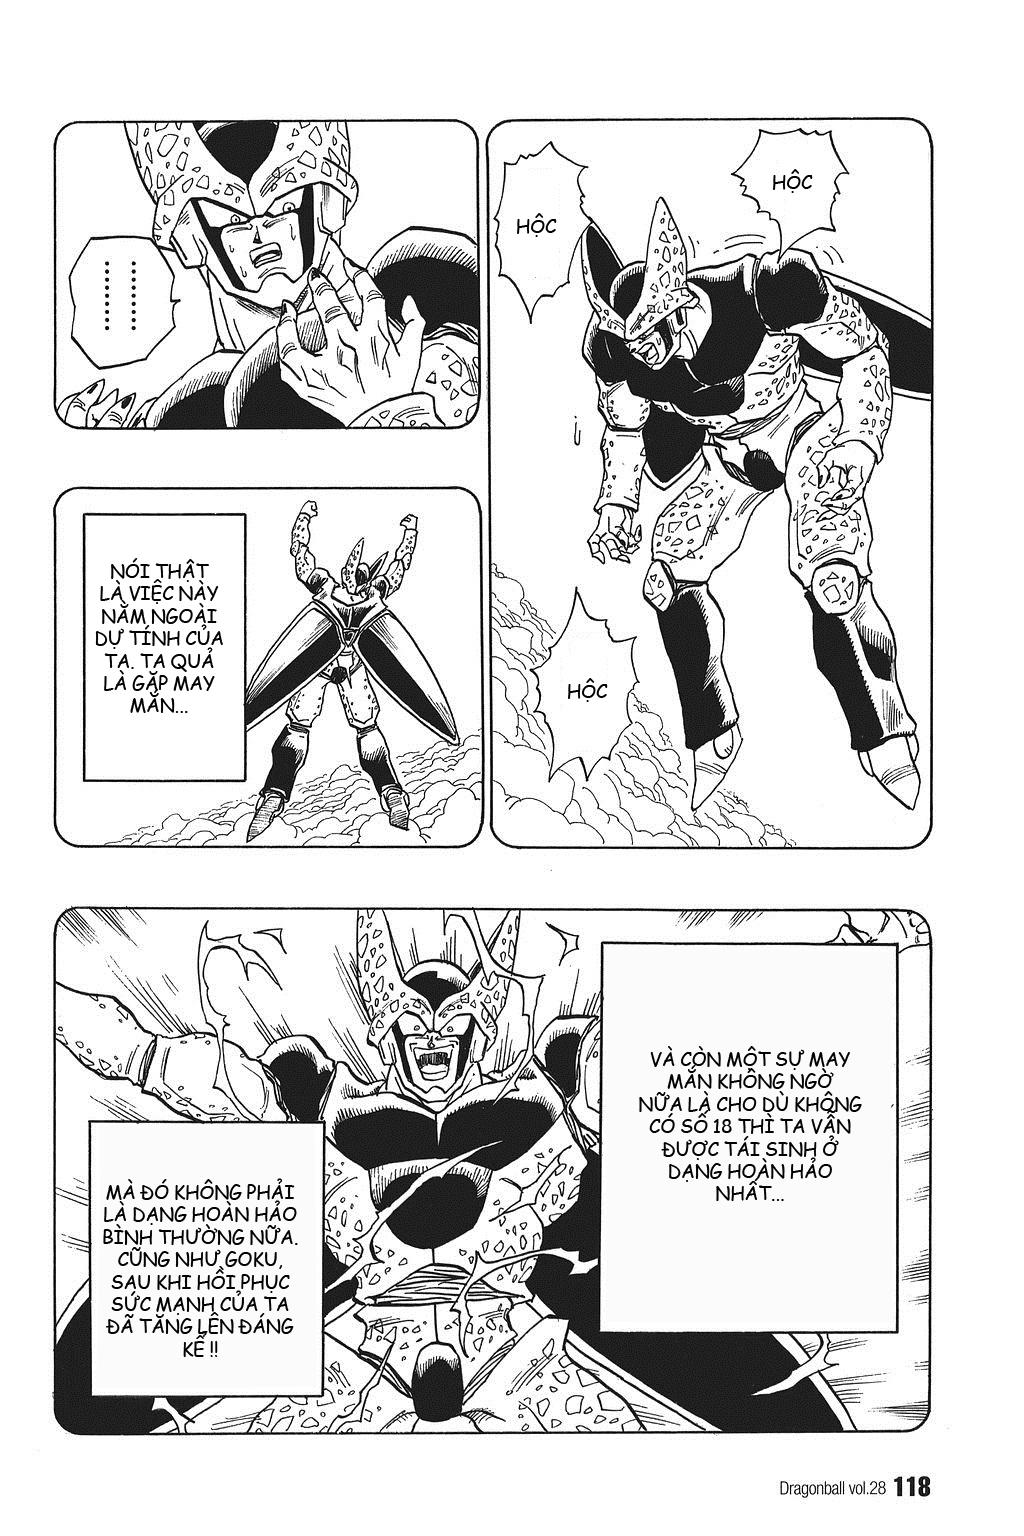 xem truyen moi - Dragon Ball Bản Vip - Bản Đẹp Nguyên Gốc Chap 413